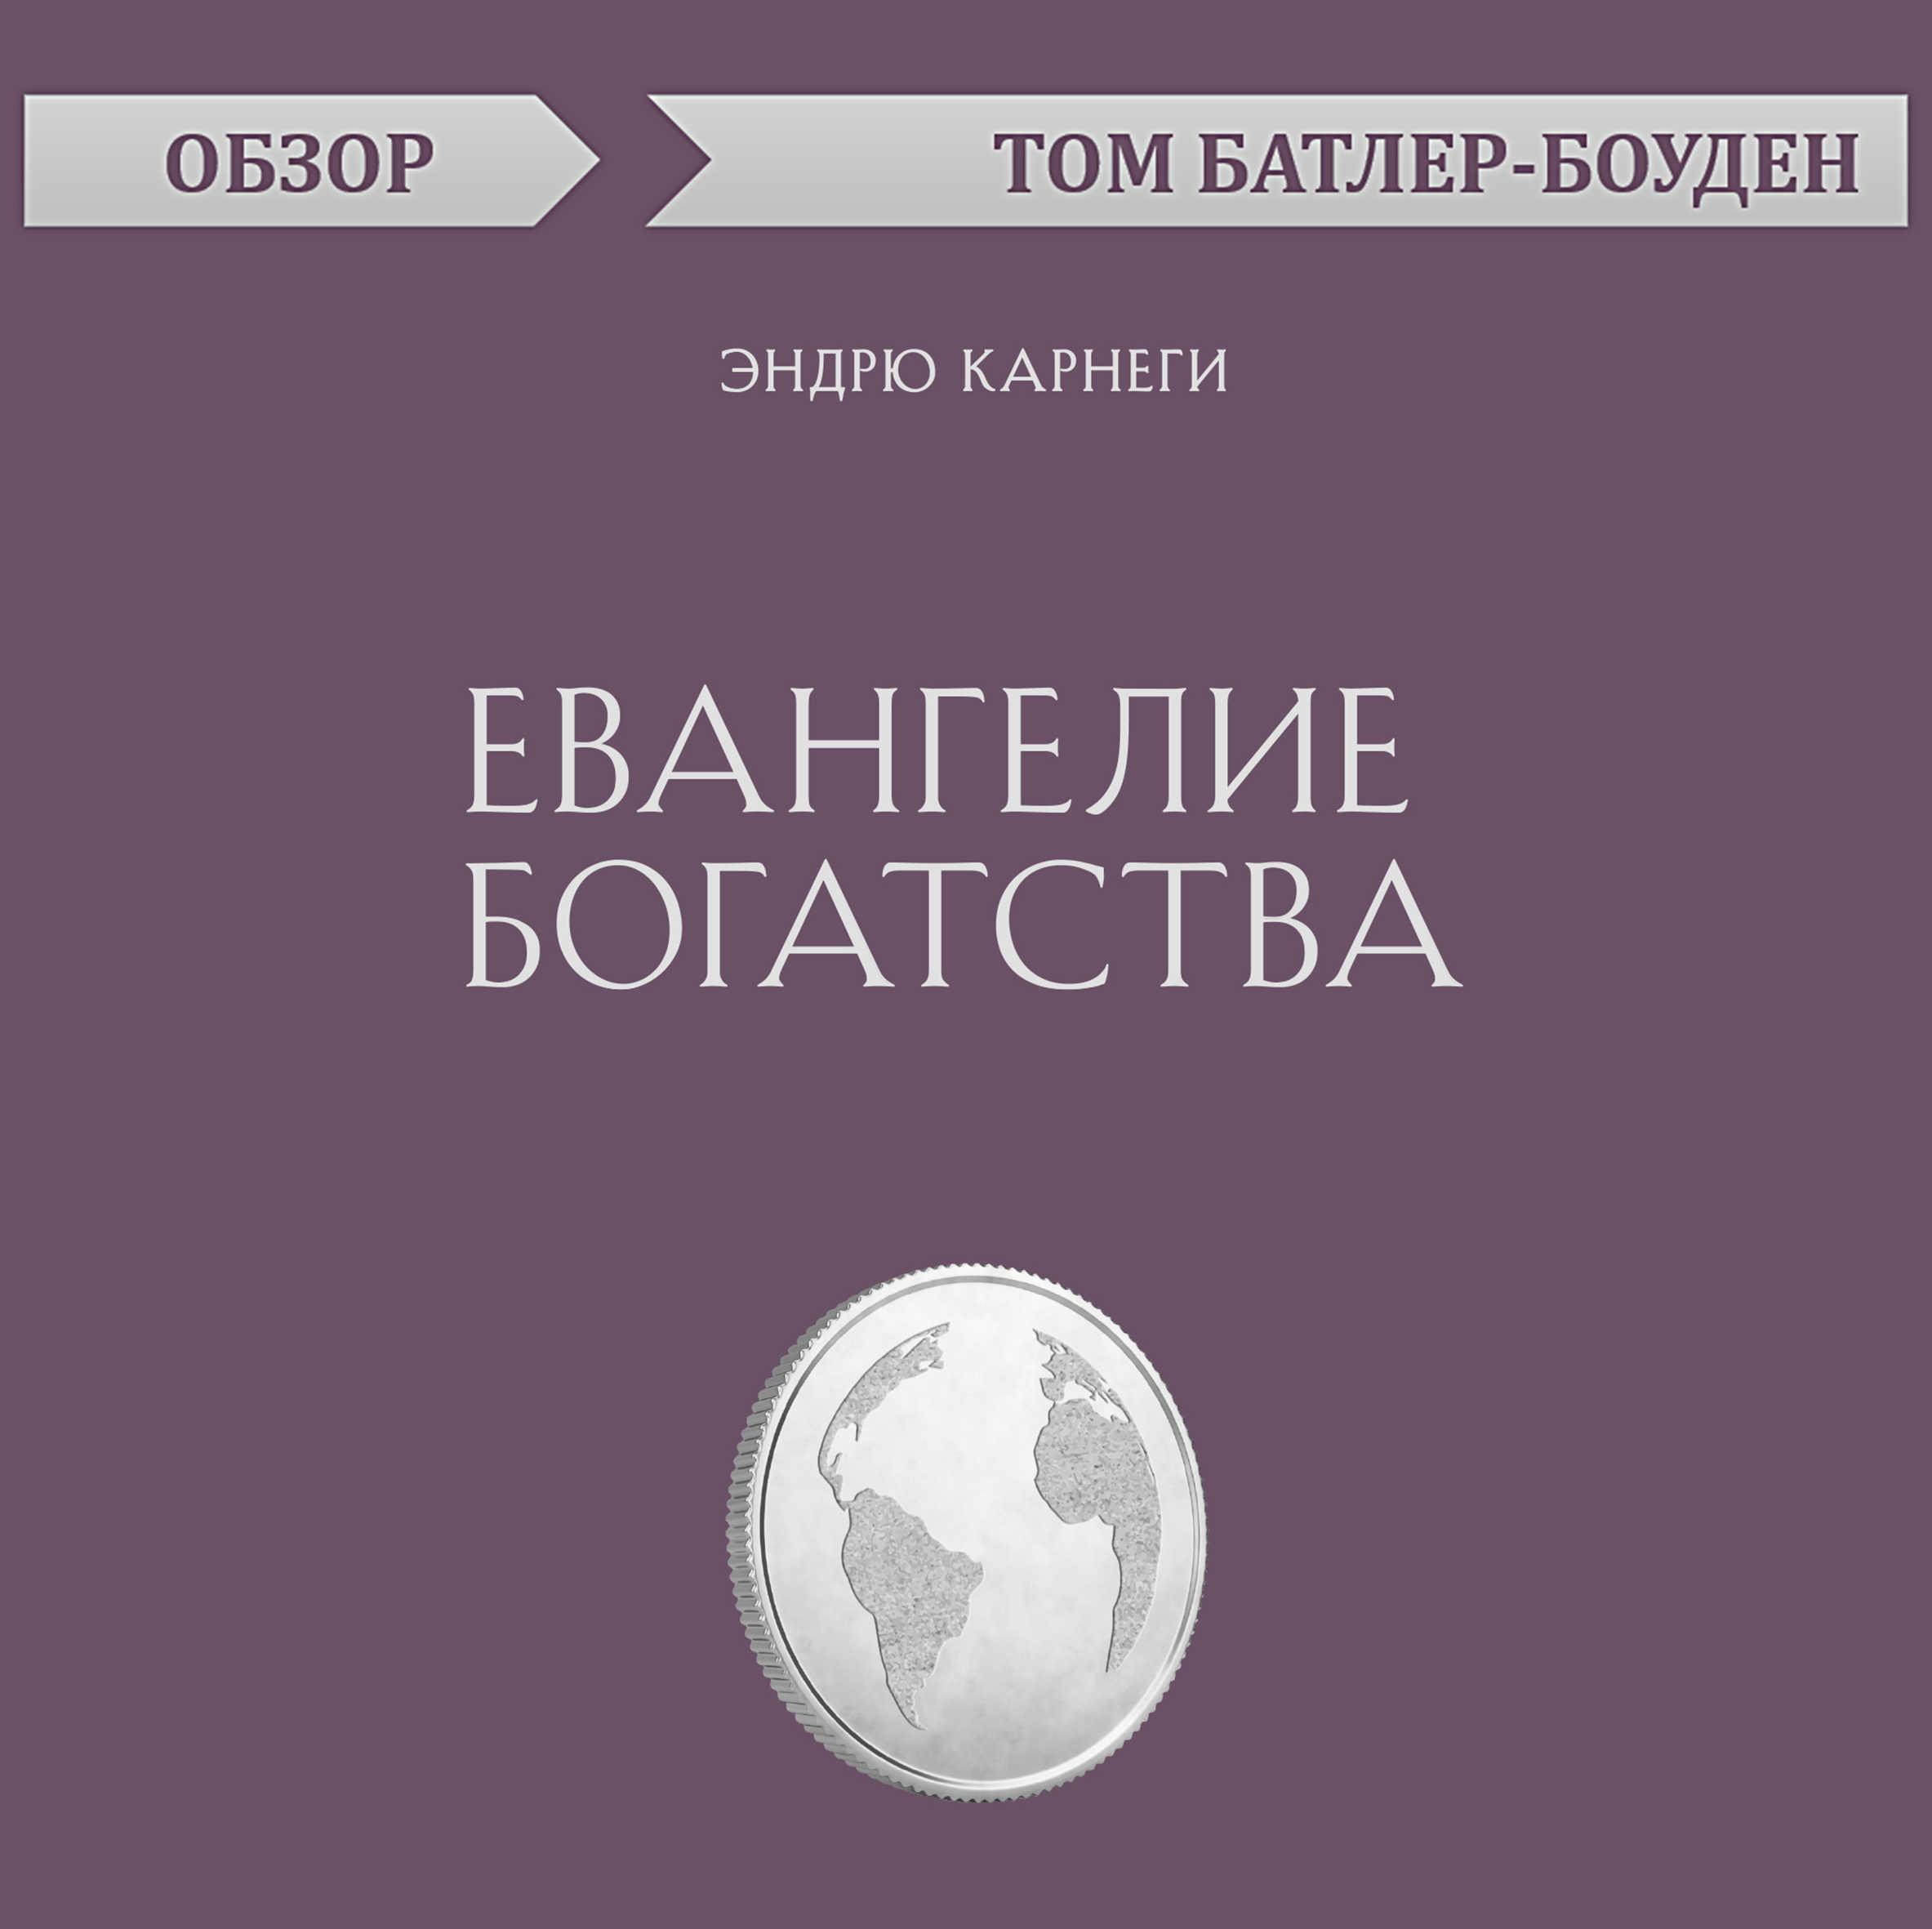 Купить книгу Евангелие богатства. Эндрю Карнеги (обзор), автора Тома Батлера-Боудона